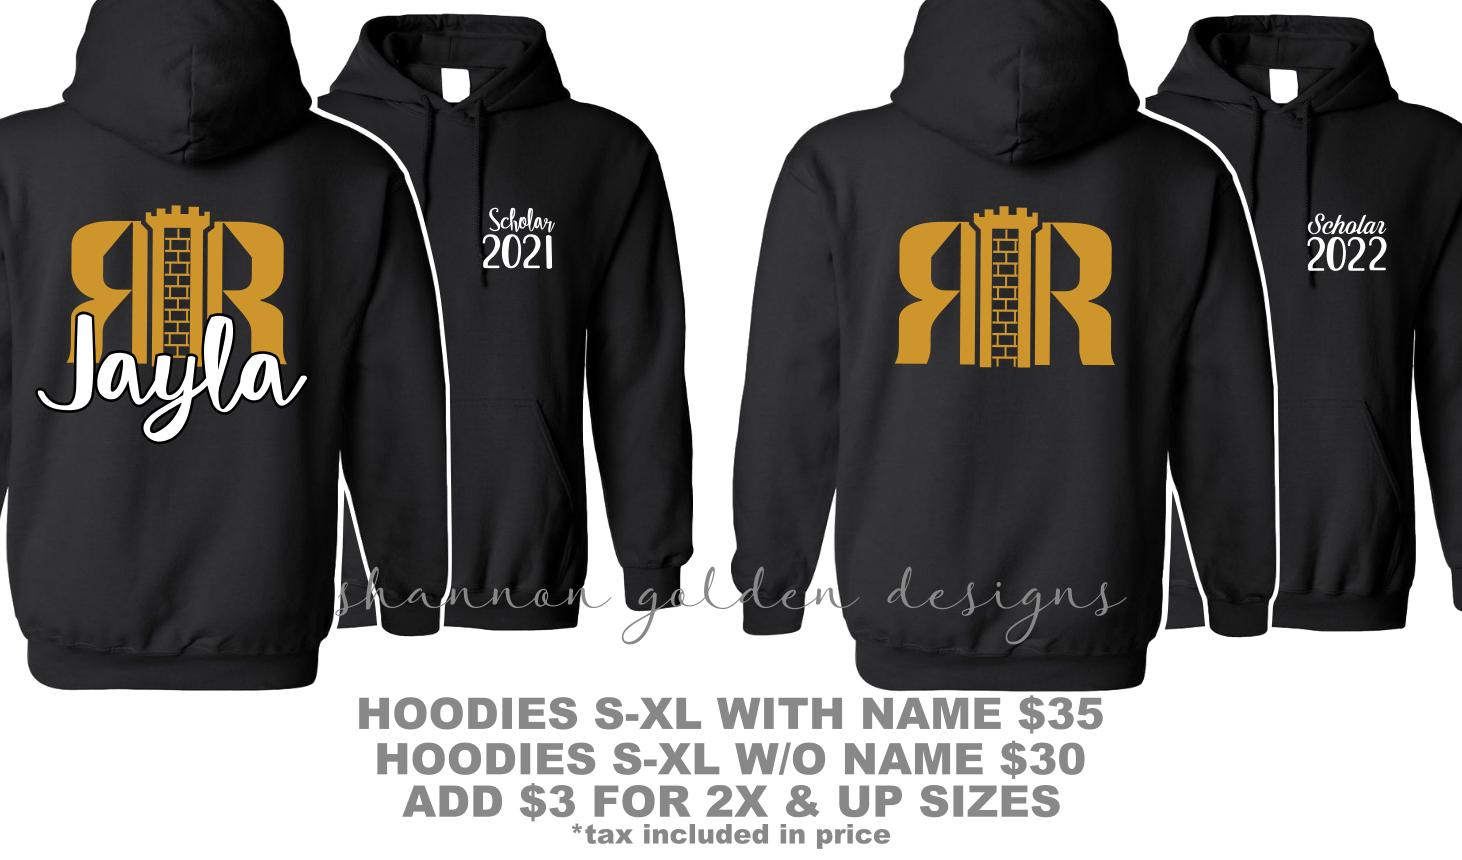 RRHS Early College Hoodie